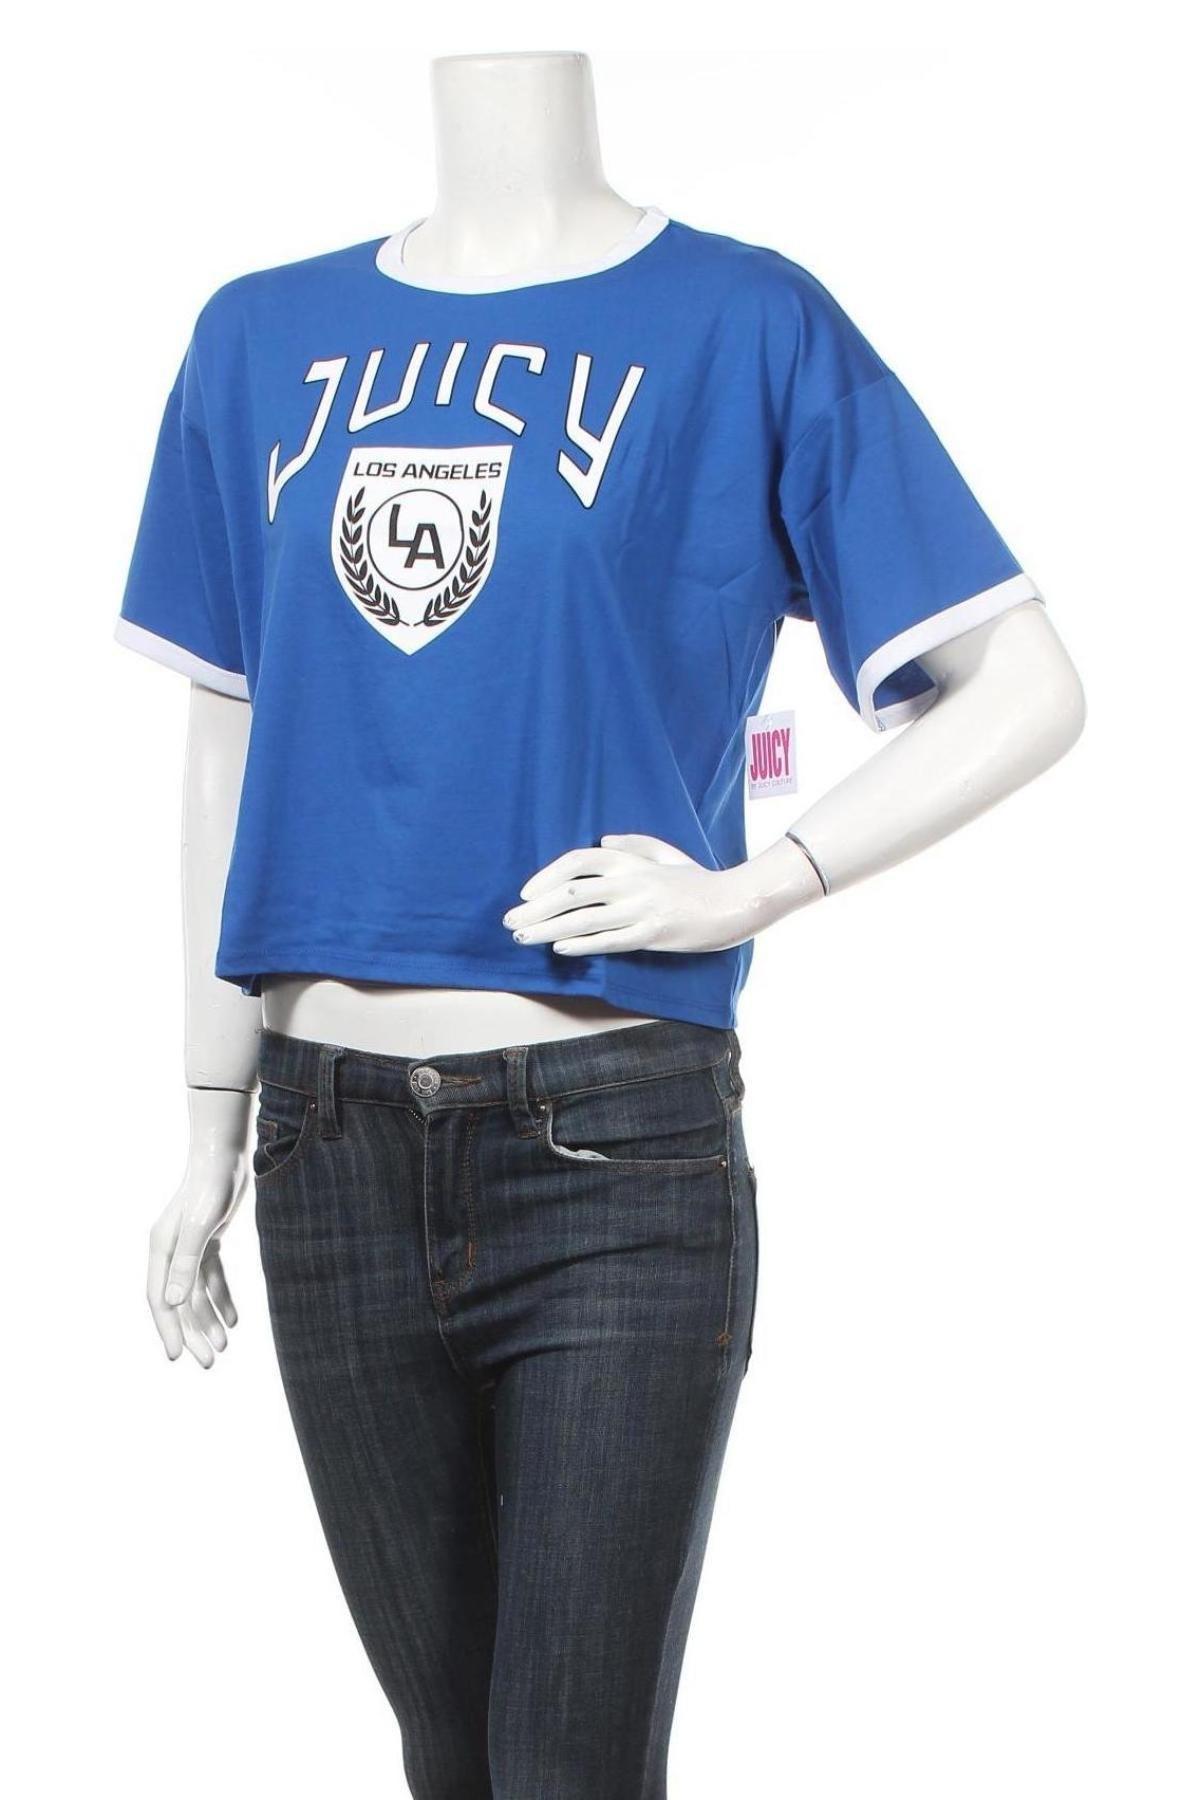 Дамска тениска Juicy Couture, Размер M, Цвят Син, 60% памук, 40% полиестер, Цена 38,28лв.